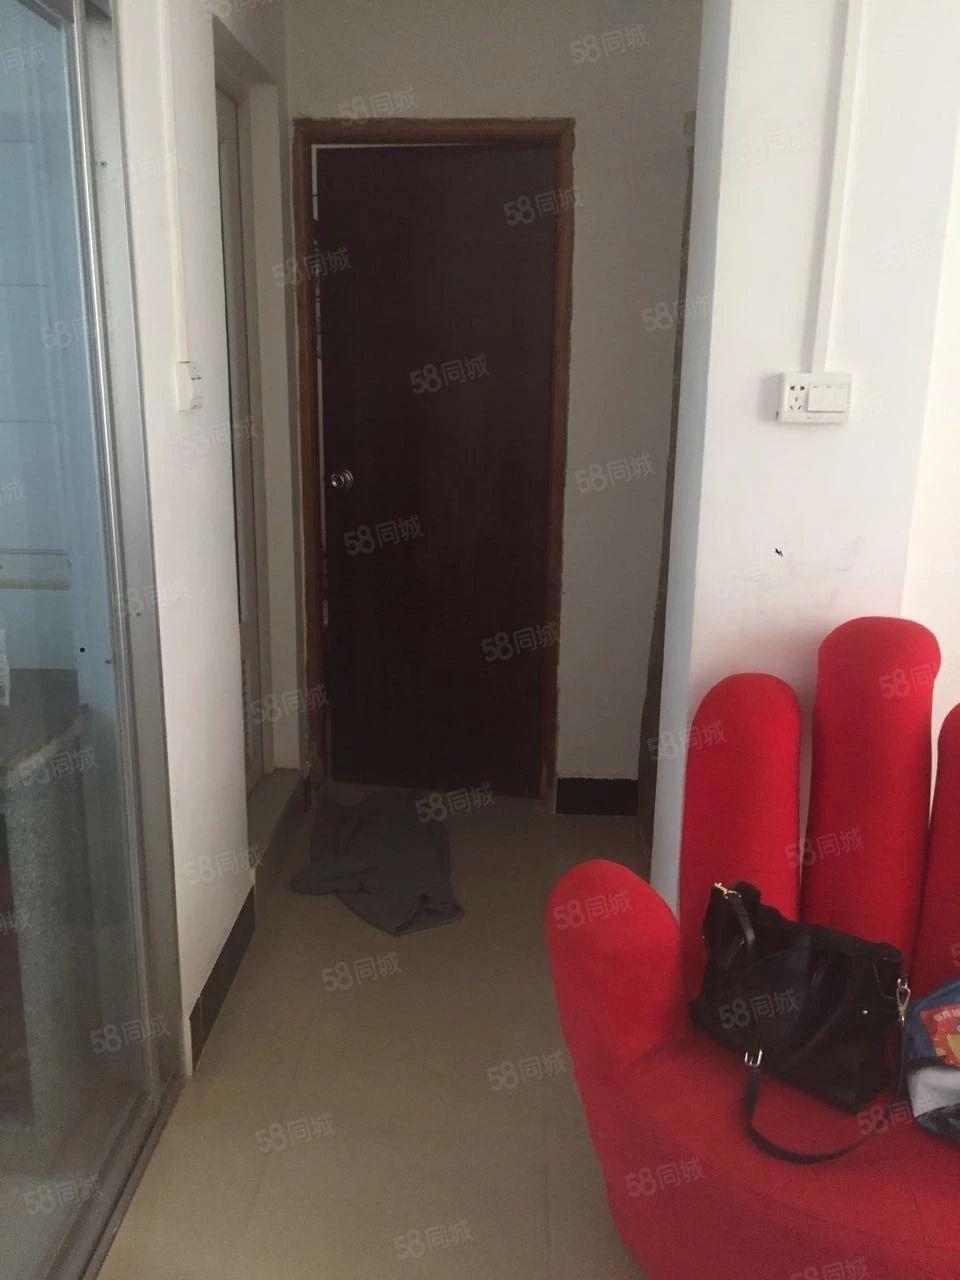 阳东东润市场附近兴宁小区两房两厅非常新净过五唯一